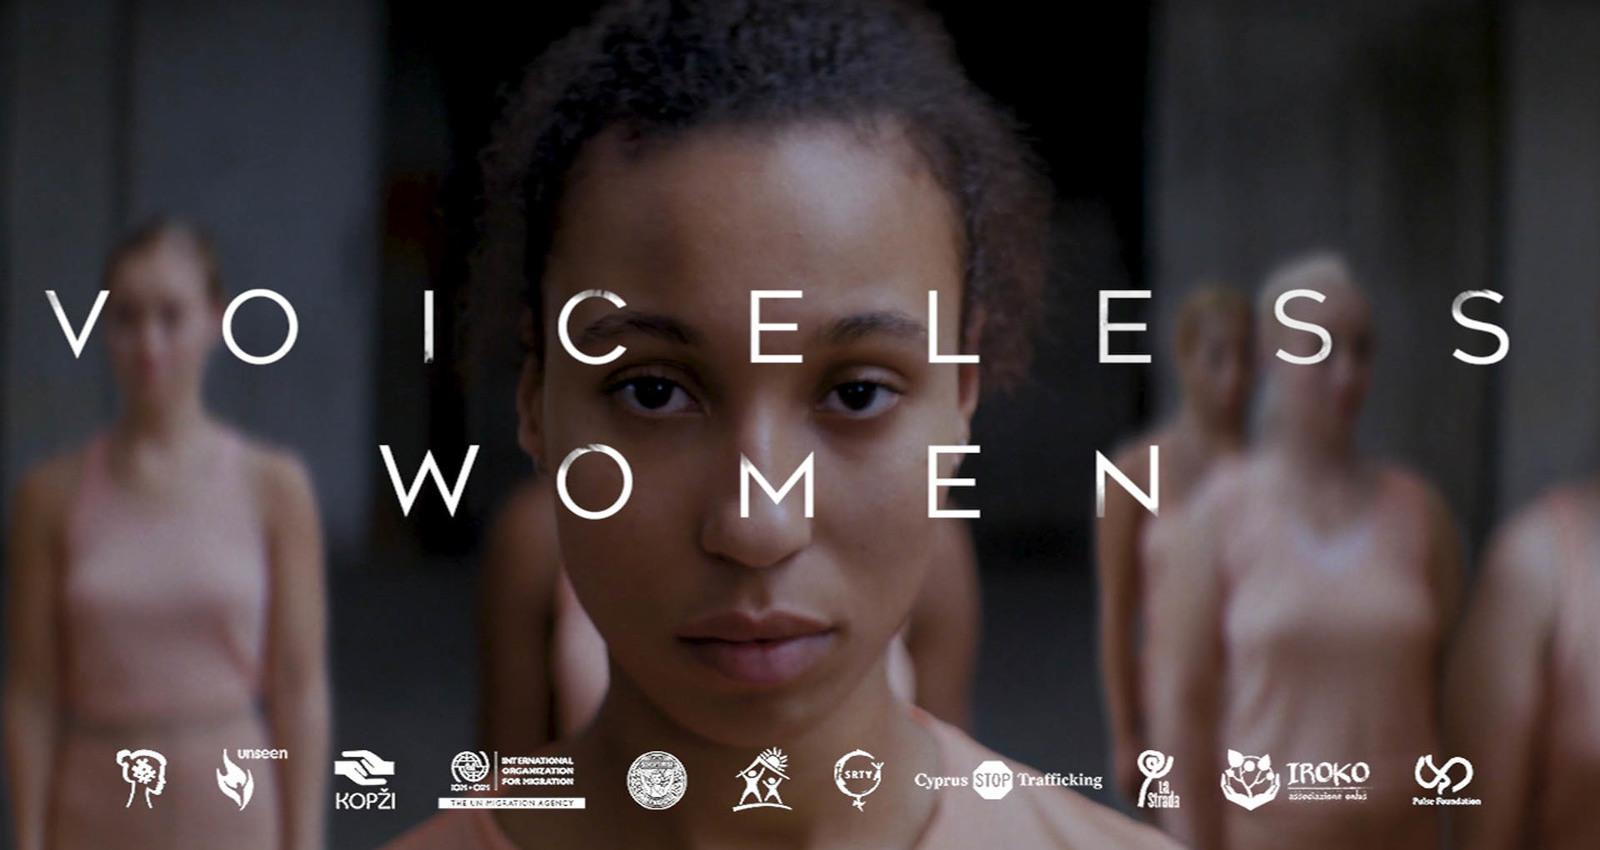 Voiceless Women